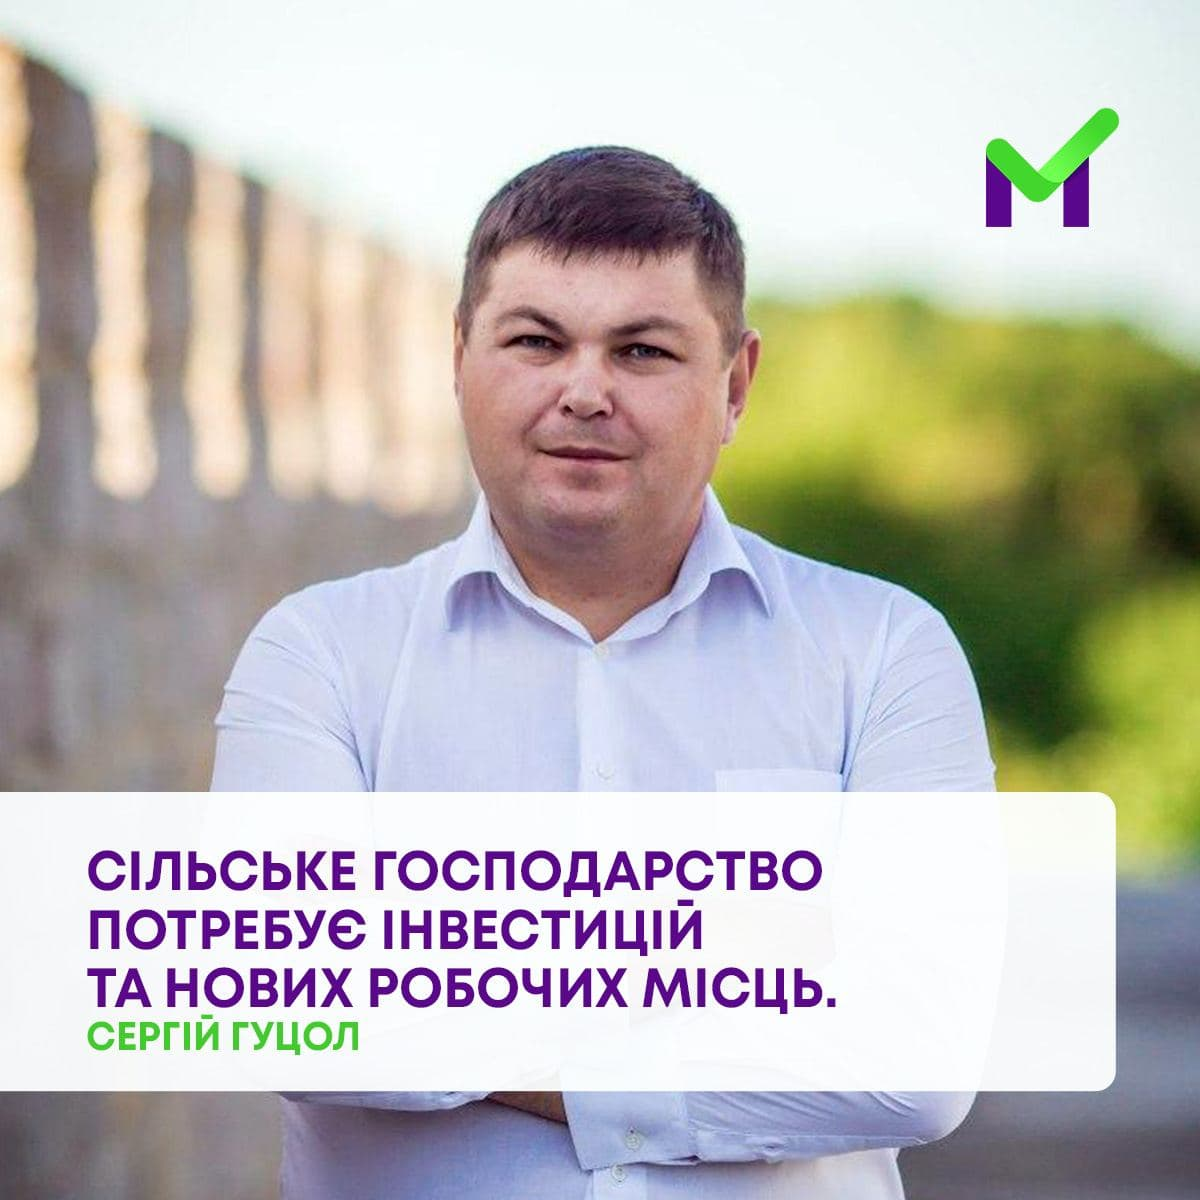 Також є велика потреба у створенні нових робочих місць. Таку думку висловив Сергій Гуцол, керівник аграрного крила осередку партії «ЗА МАЙБУТНЄ».